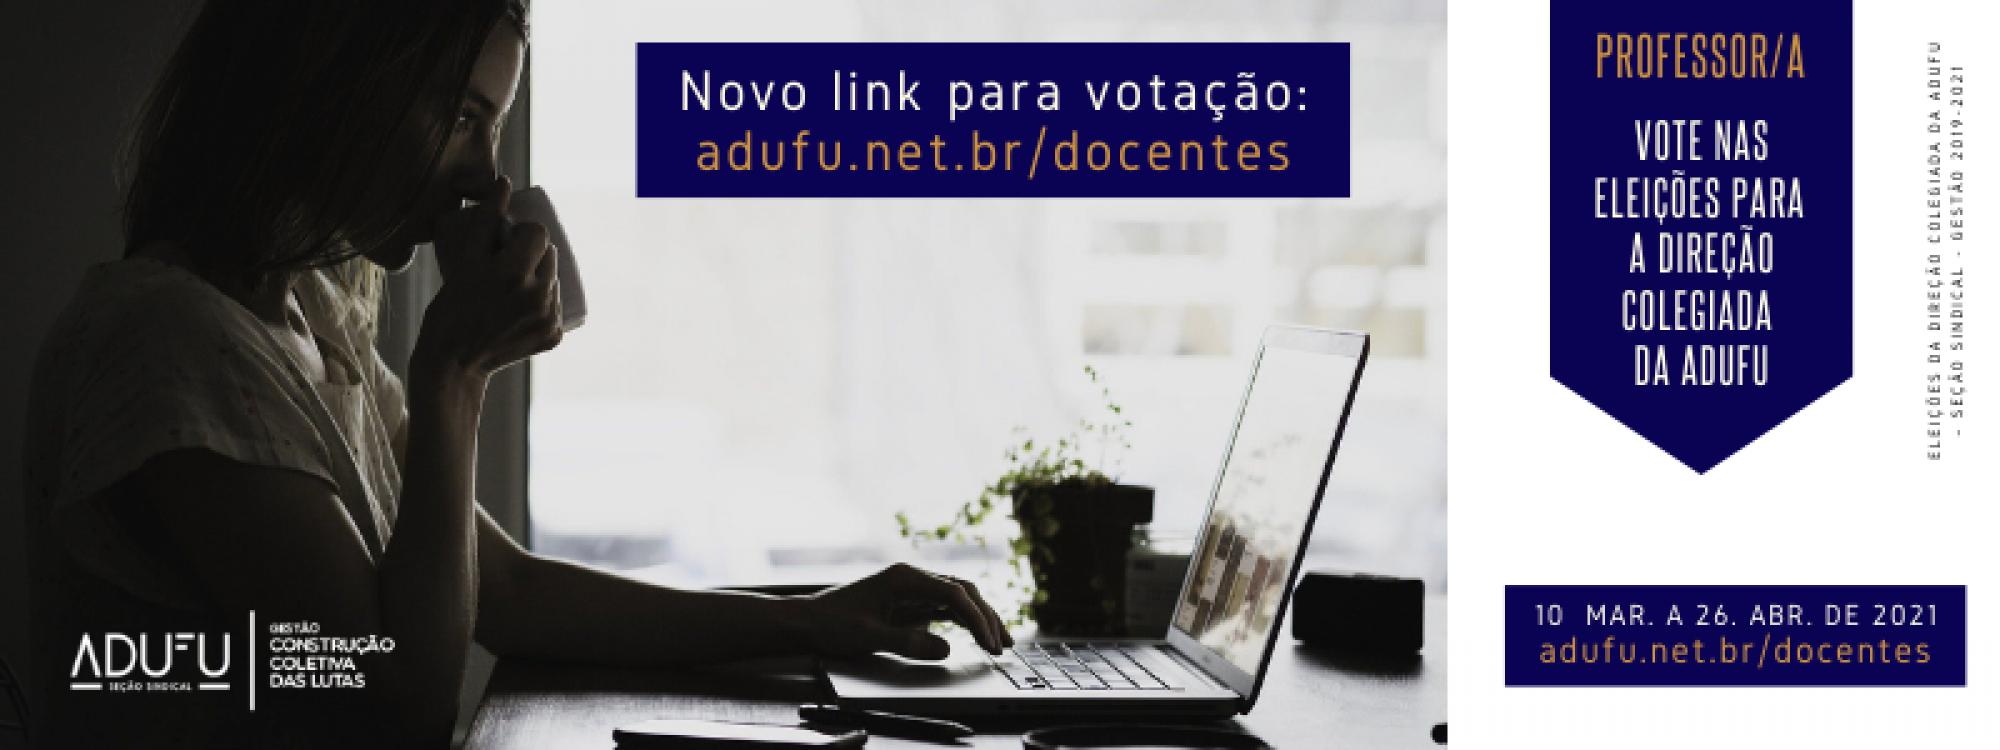 Eleição Direção Colegiada: novo link para votação já está disponível